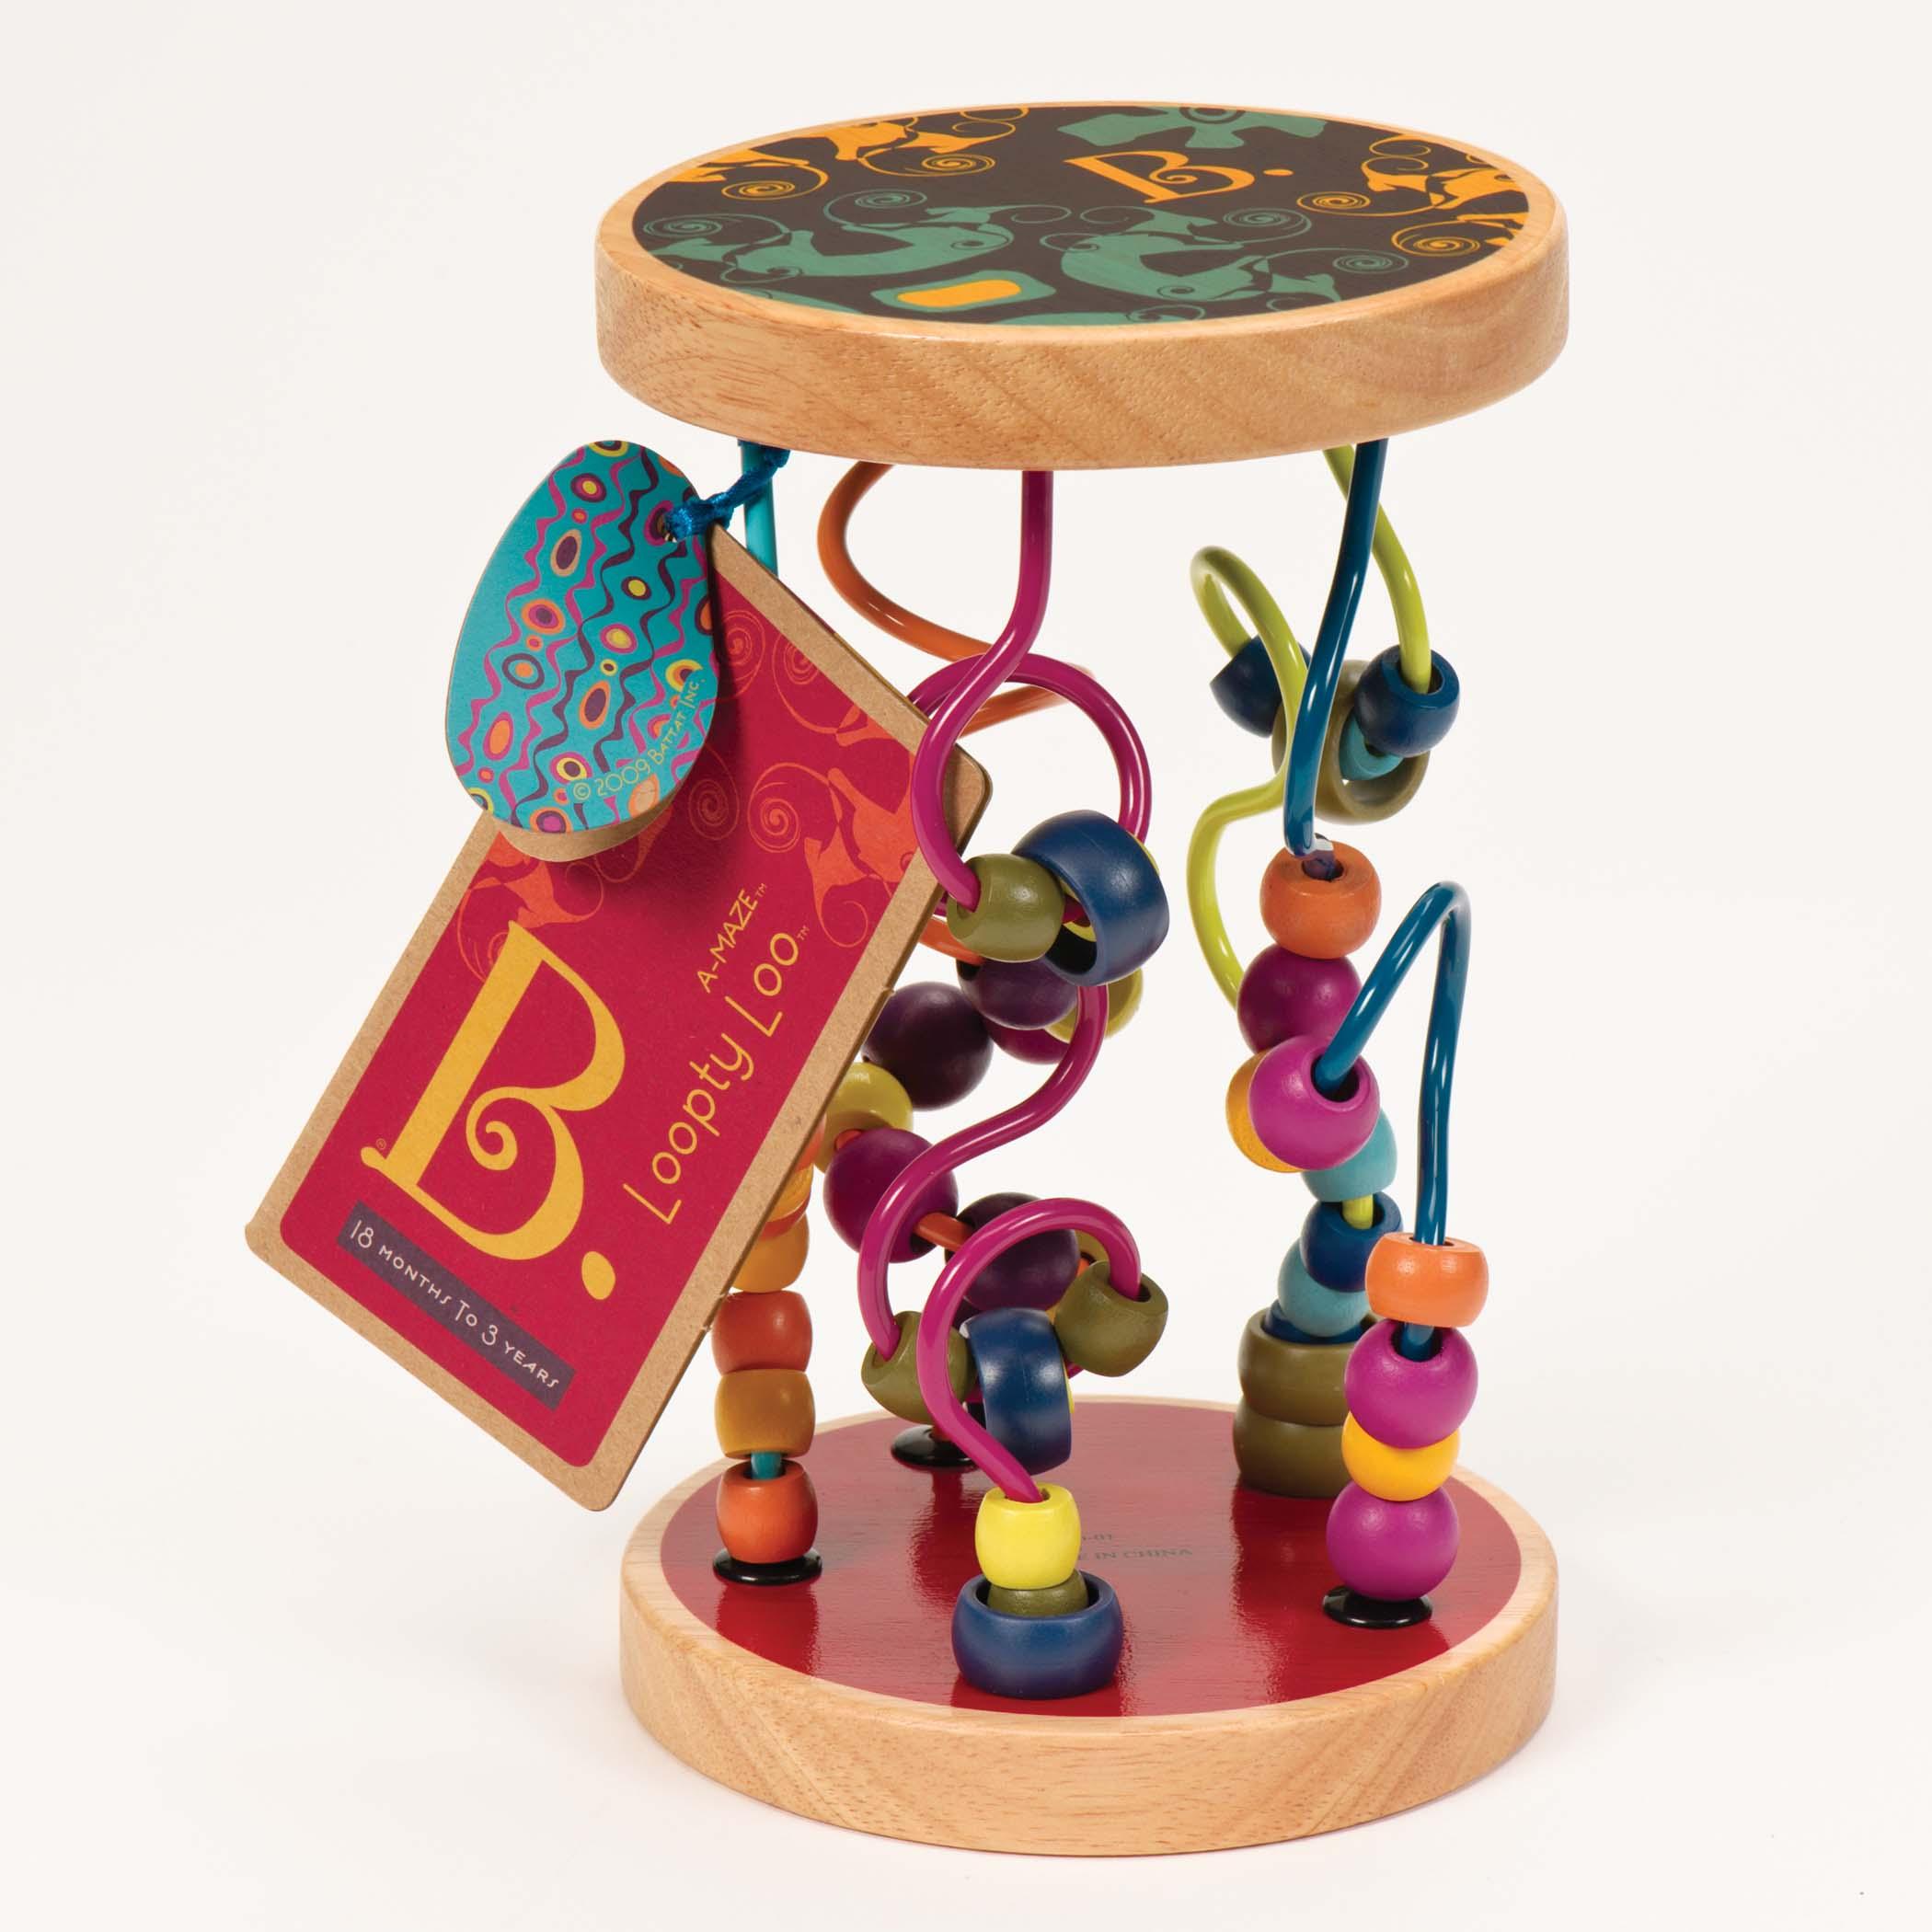 Сбор заказов. Распродажа летнего игрушечного ассортимента-3))) Коляски, каталки, брызгалки, надувные круги, нарукавники, матрасы. А также машины, куклы и многое другое!